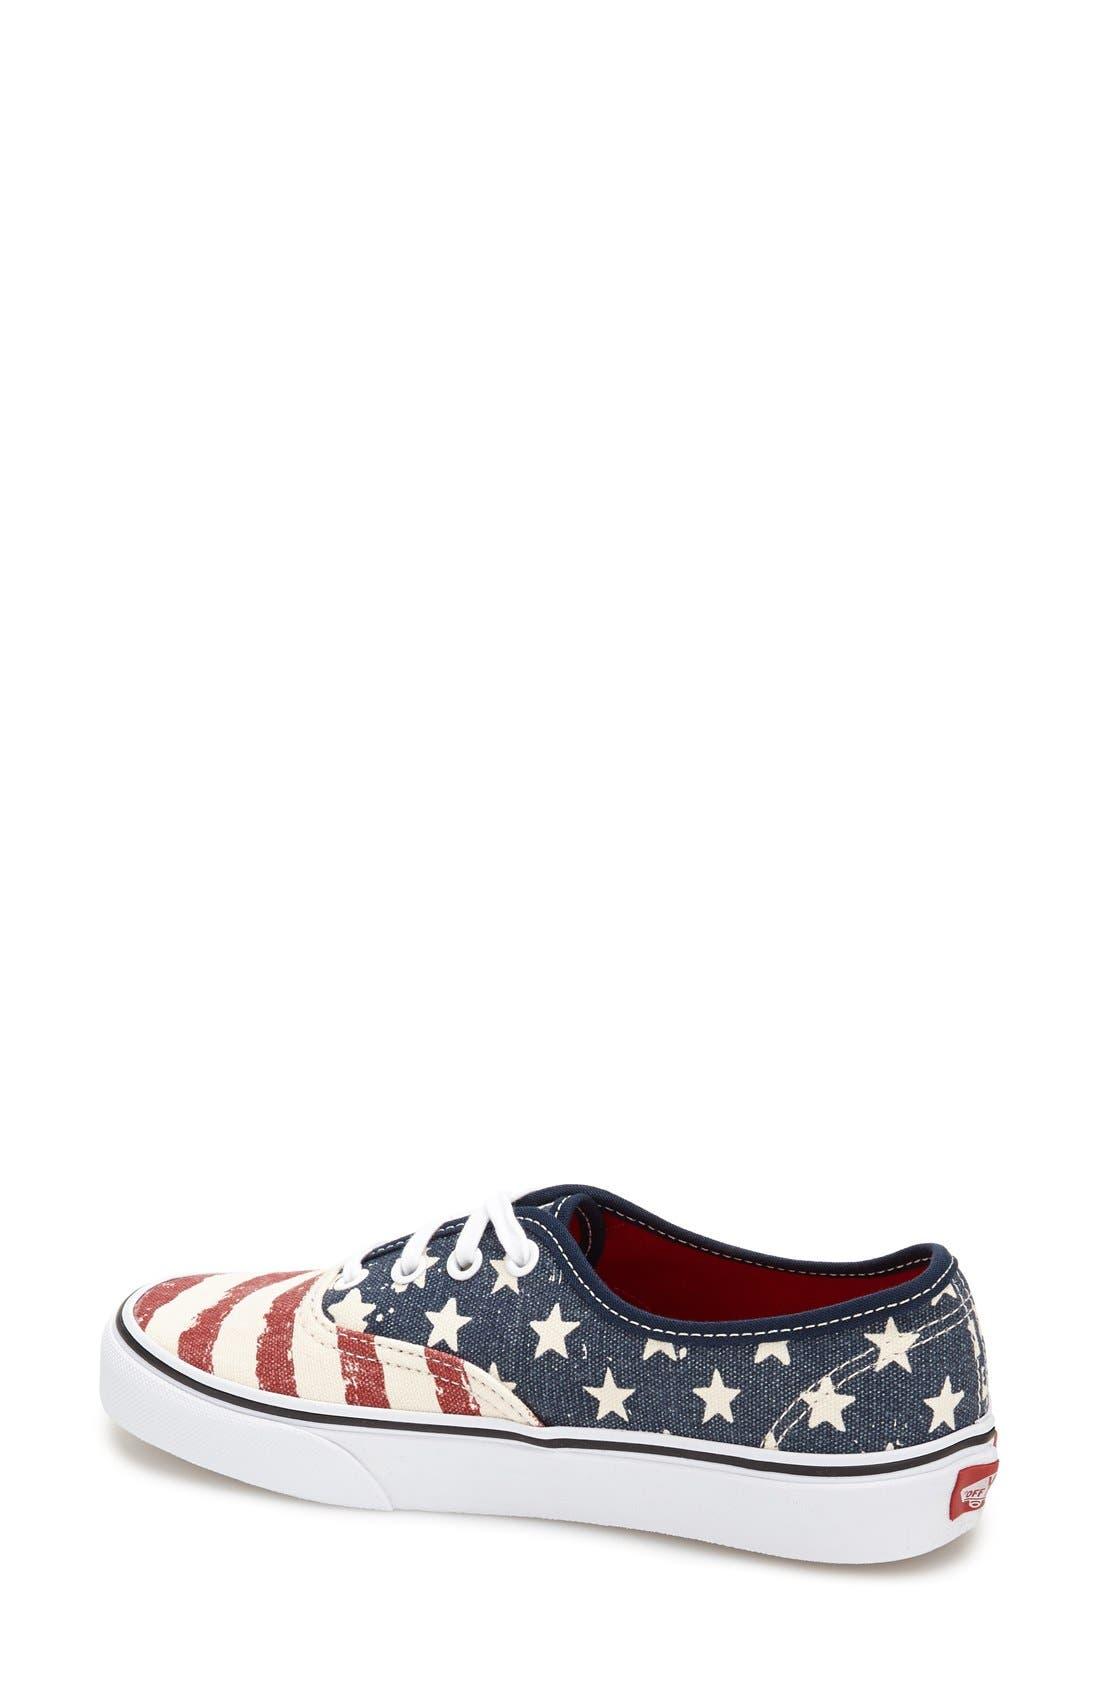 Alternate Image 2  - Vans 'Authentic - Stars & Stripes' Sneaker (Women)